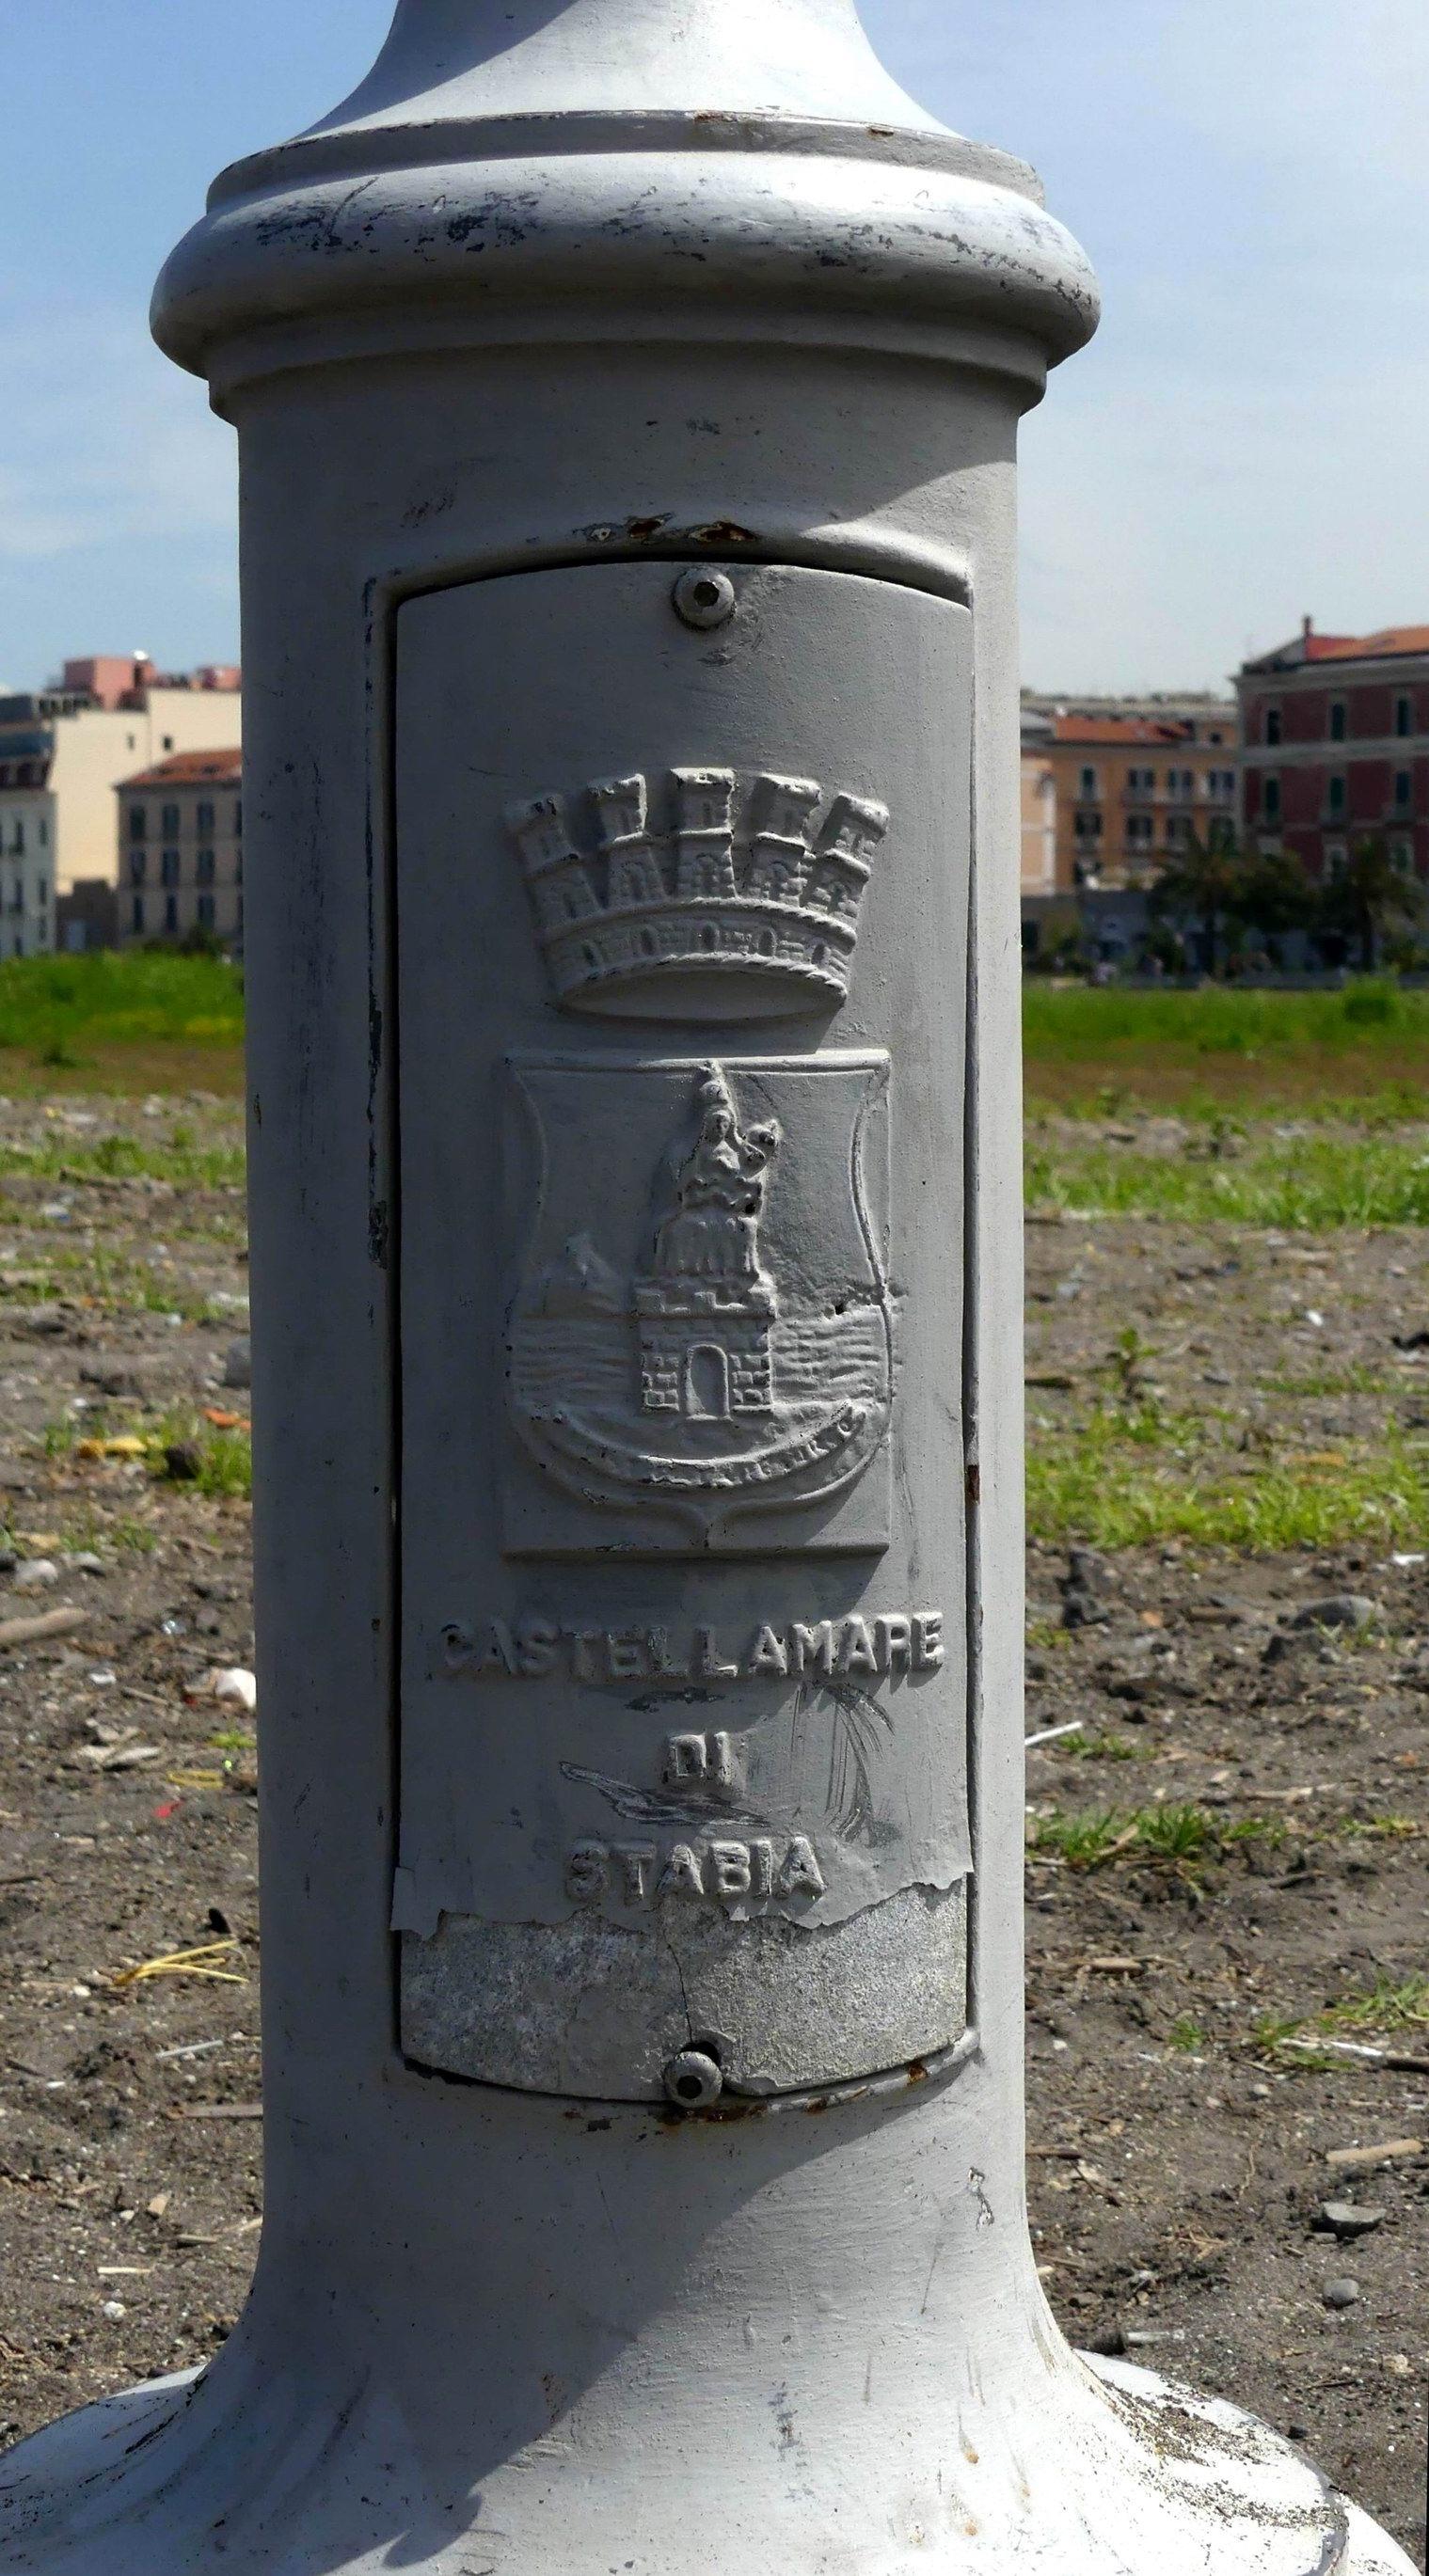 Castellamare (foto Corrado Di Martino)